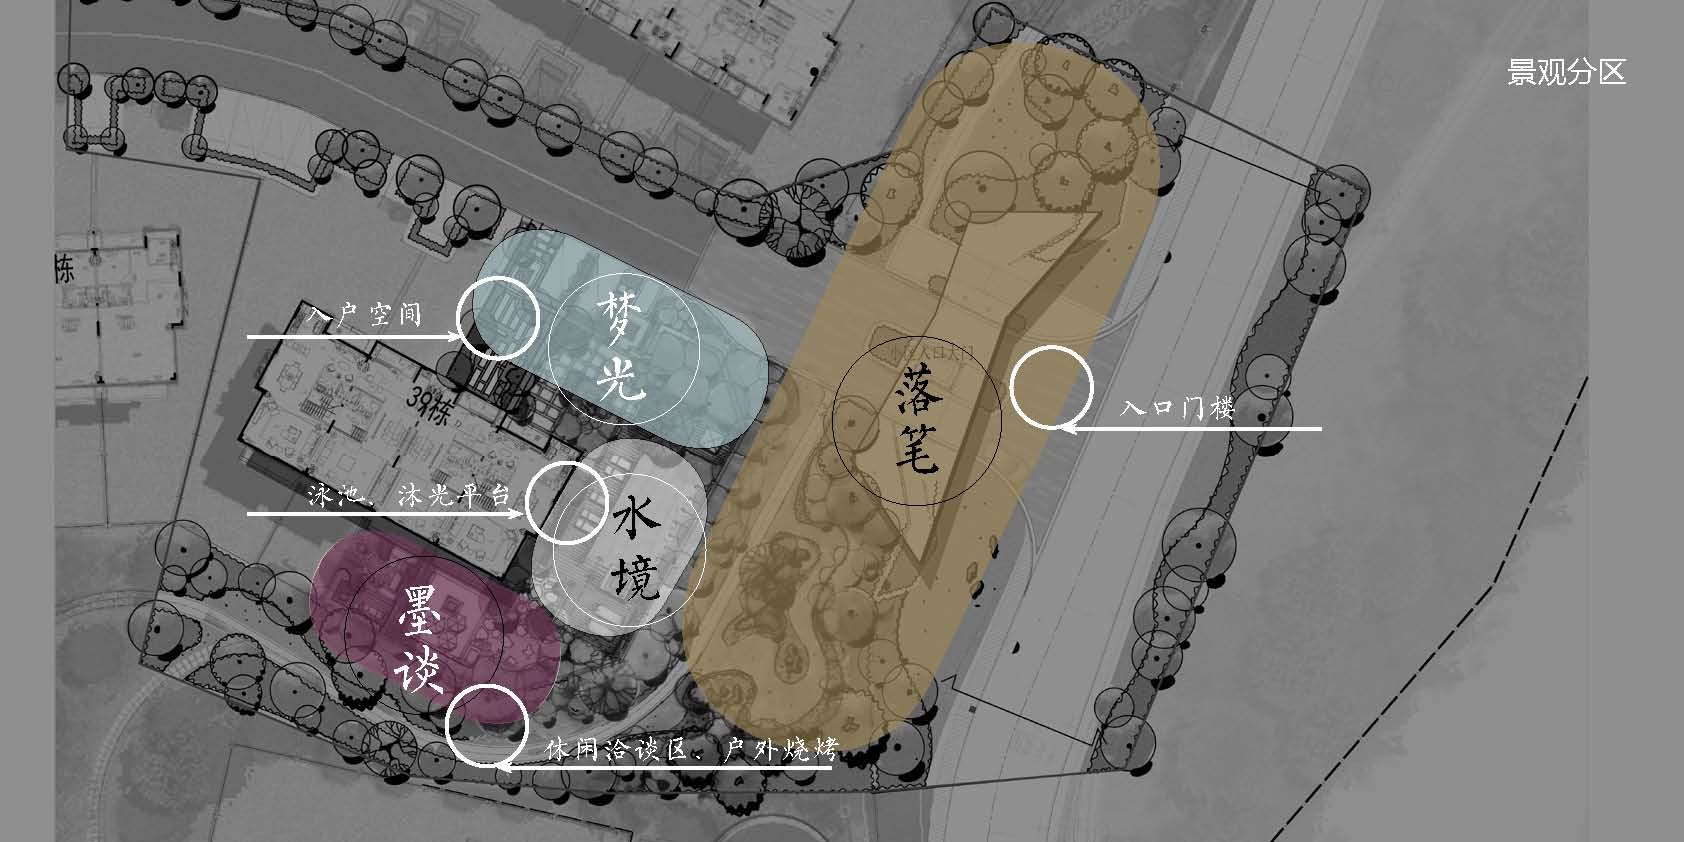 20191020恩平泉林黄金小镇四期展示区文本_页面_21.jpg